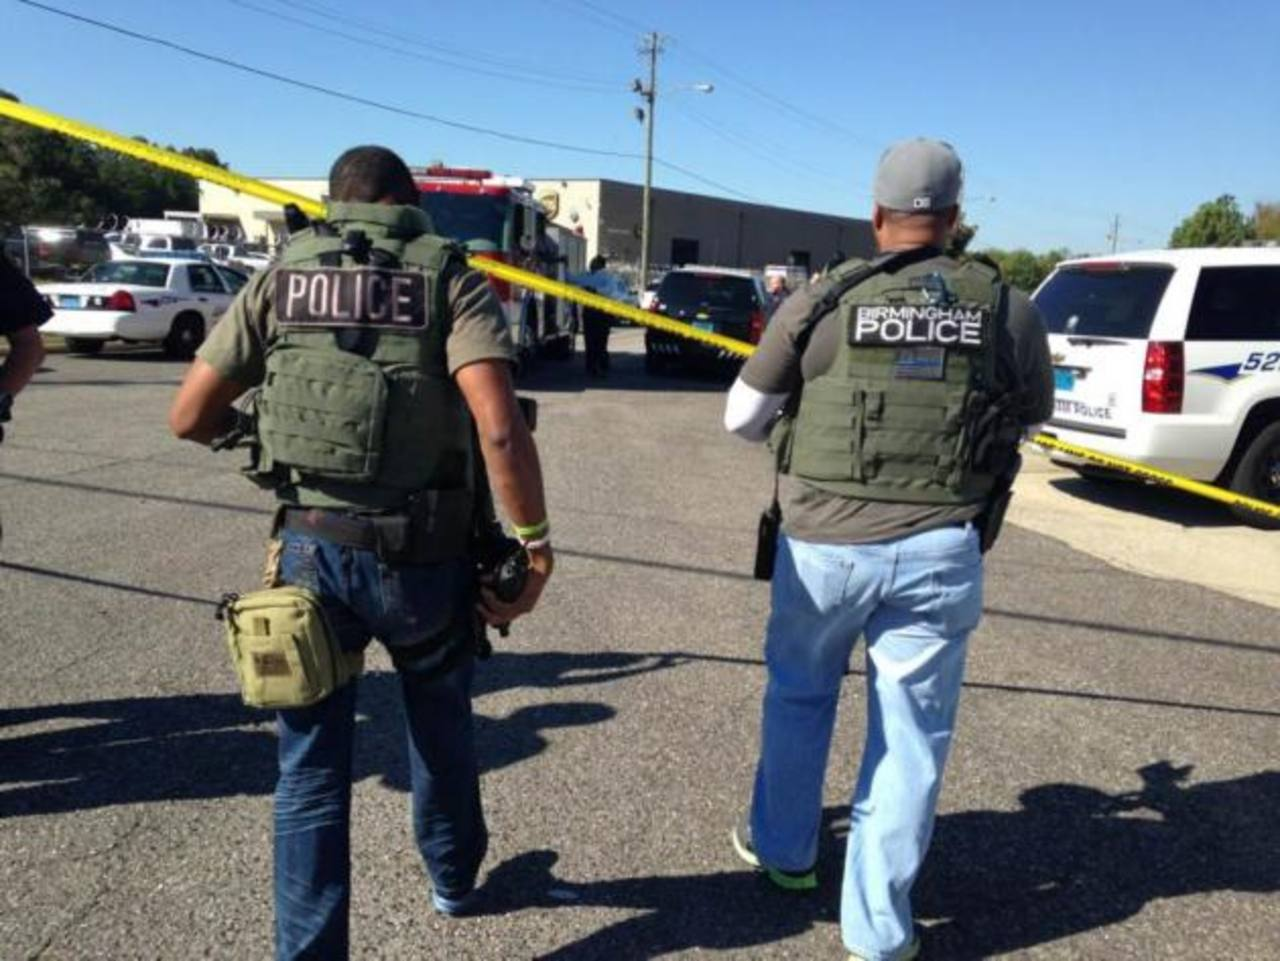 La Policía de Birmingham, Alabama, acudió a la empresa de envíos postales por la alerta de un pistolero activo en la zona. foto edh / www.al.com/